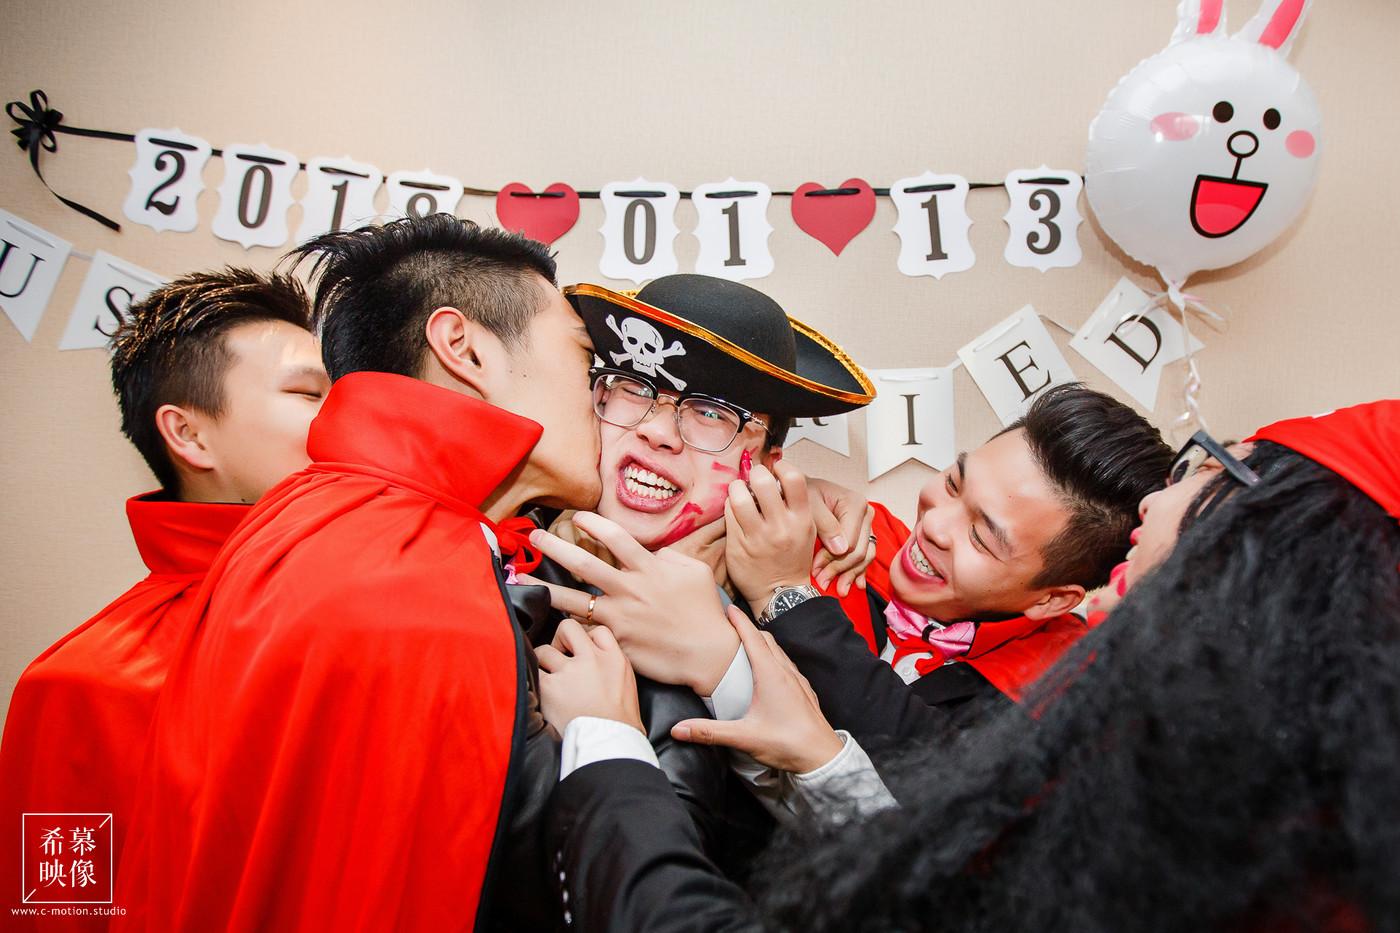 Rui&HY's Wedding15